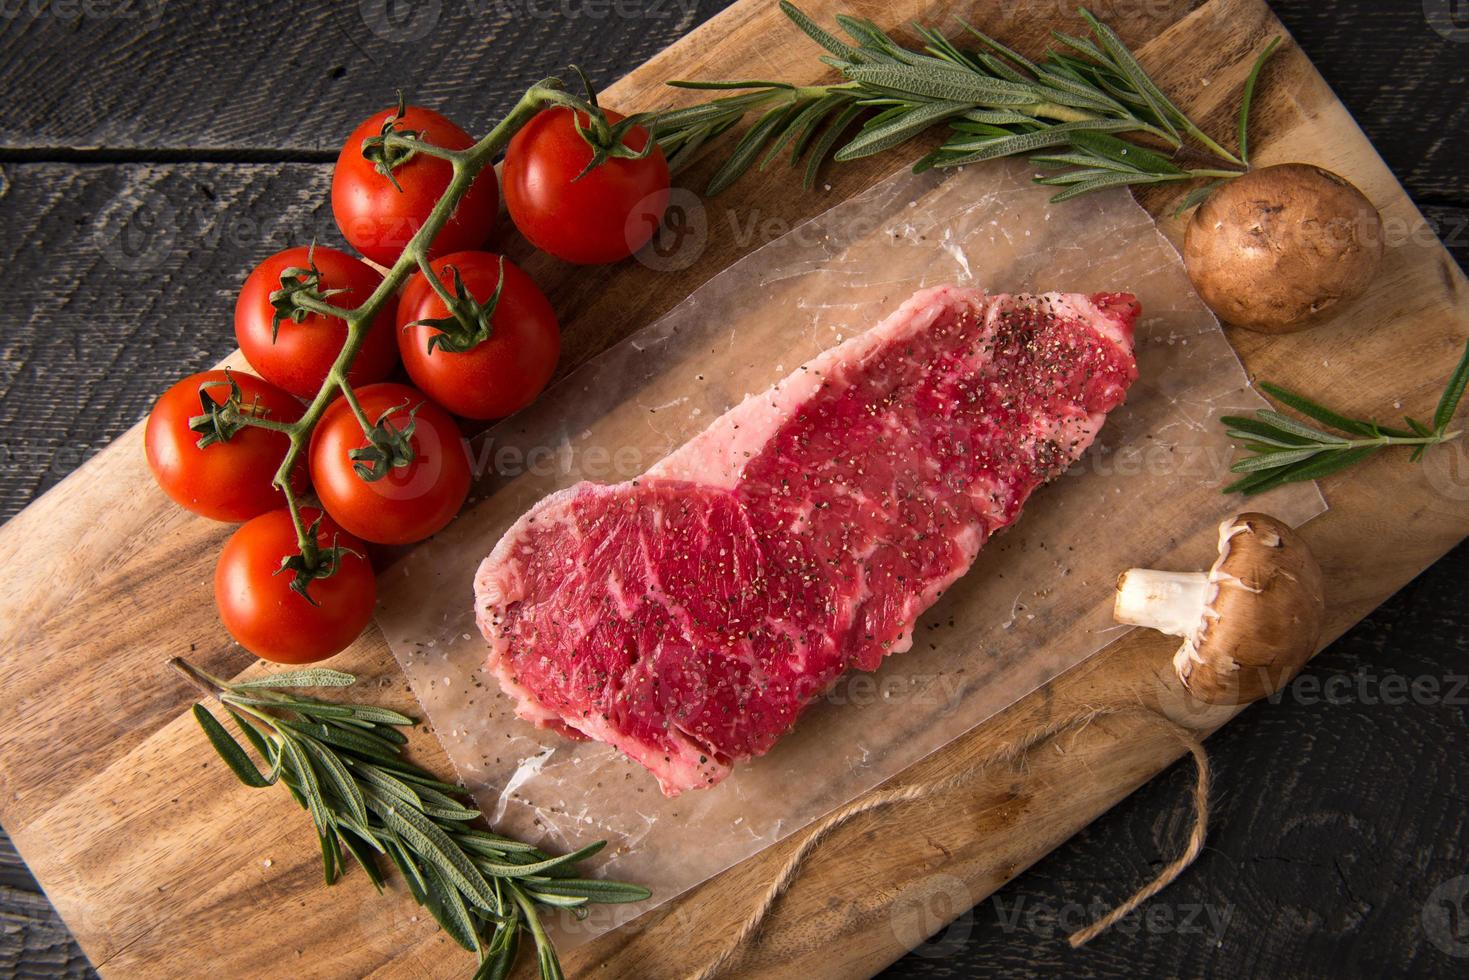 Série de grelhados de bife de lombo: carne crua foto